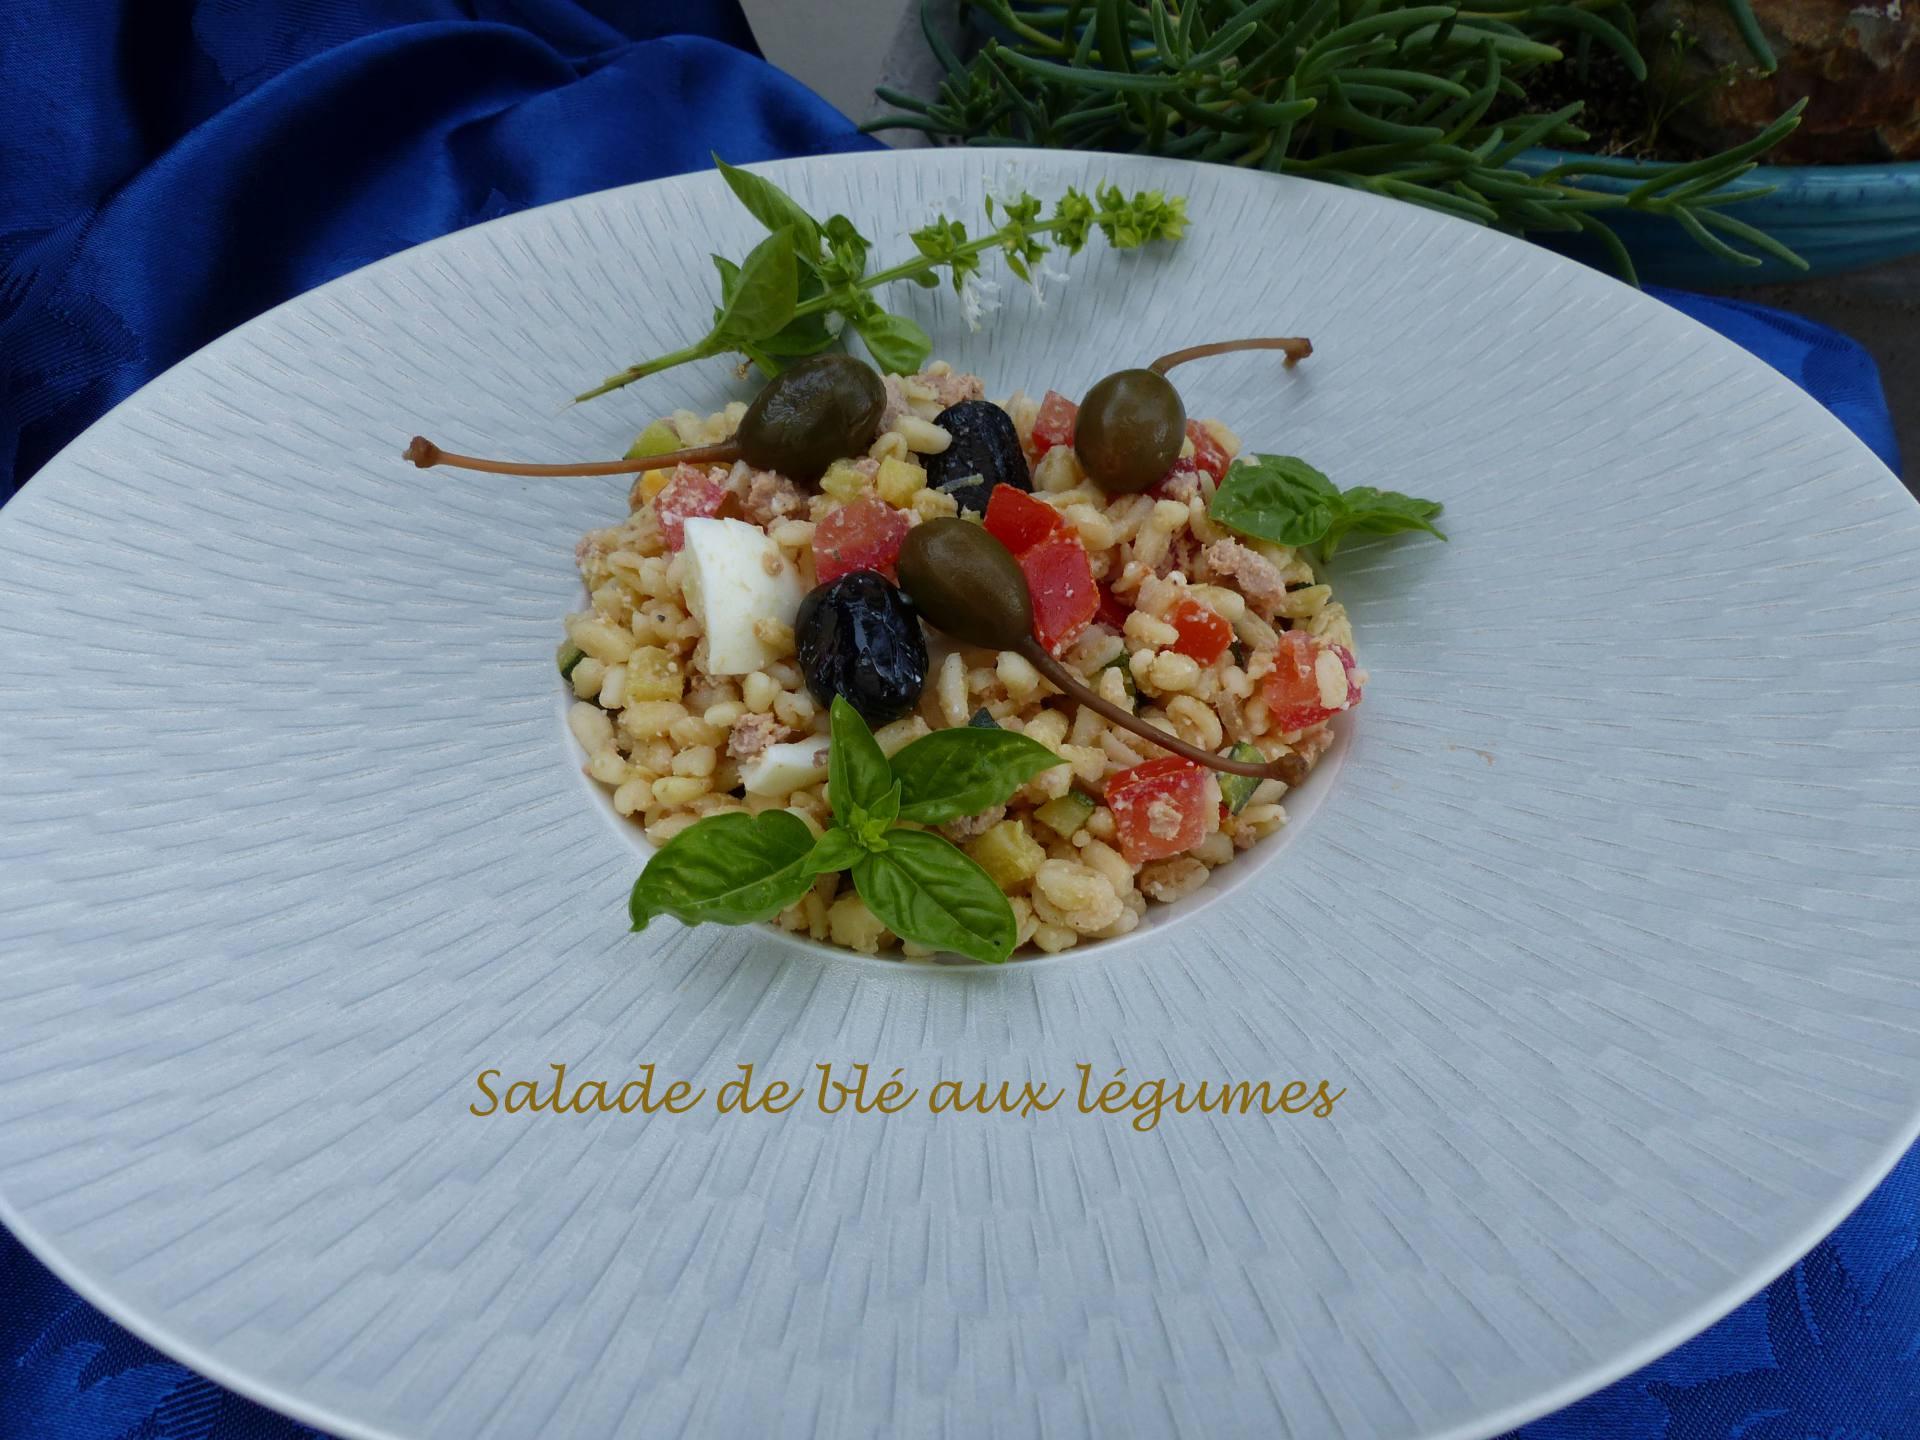 Salade de blé aux légumes P1180757 R